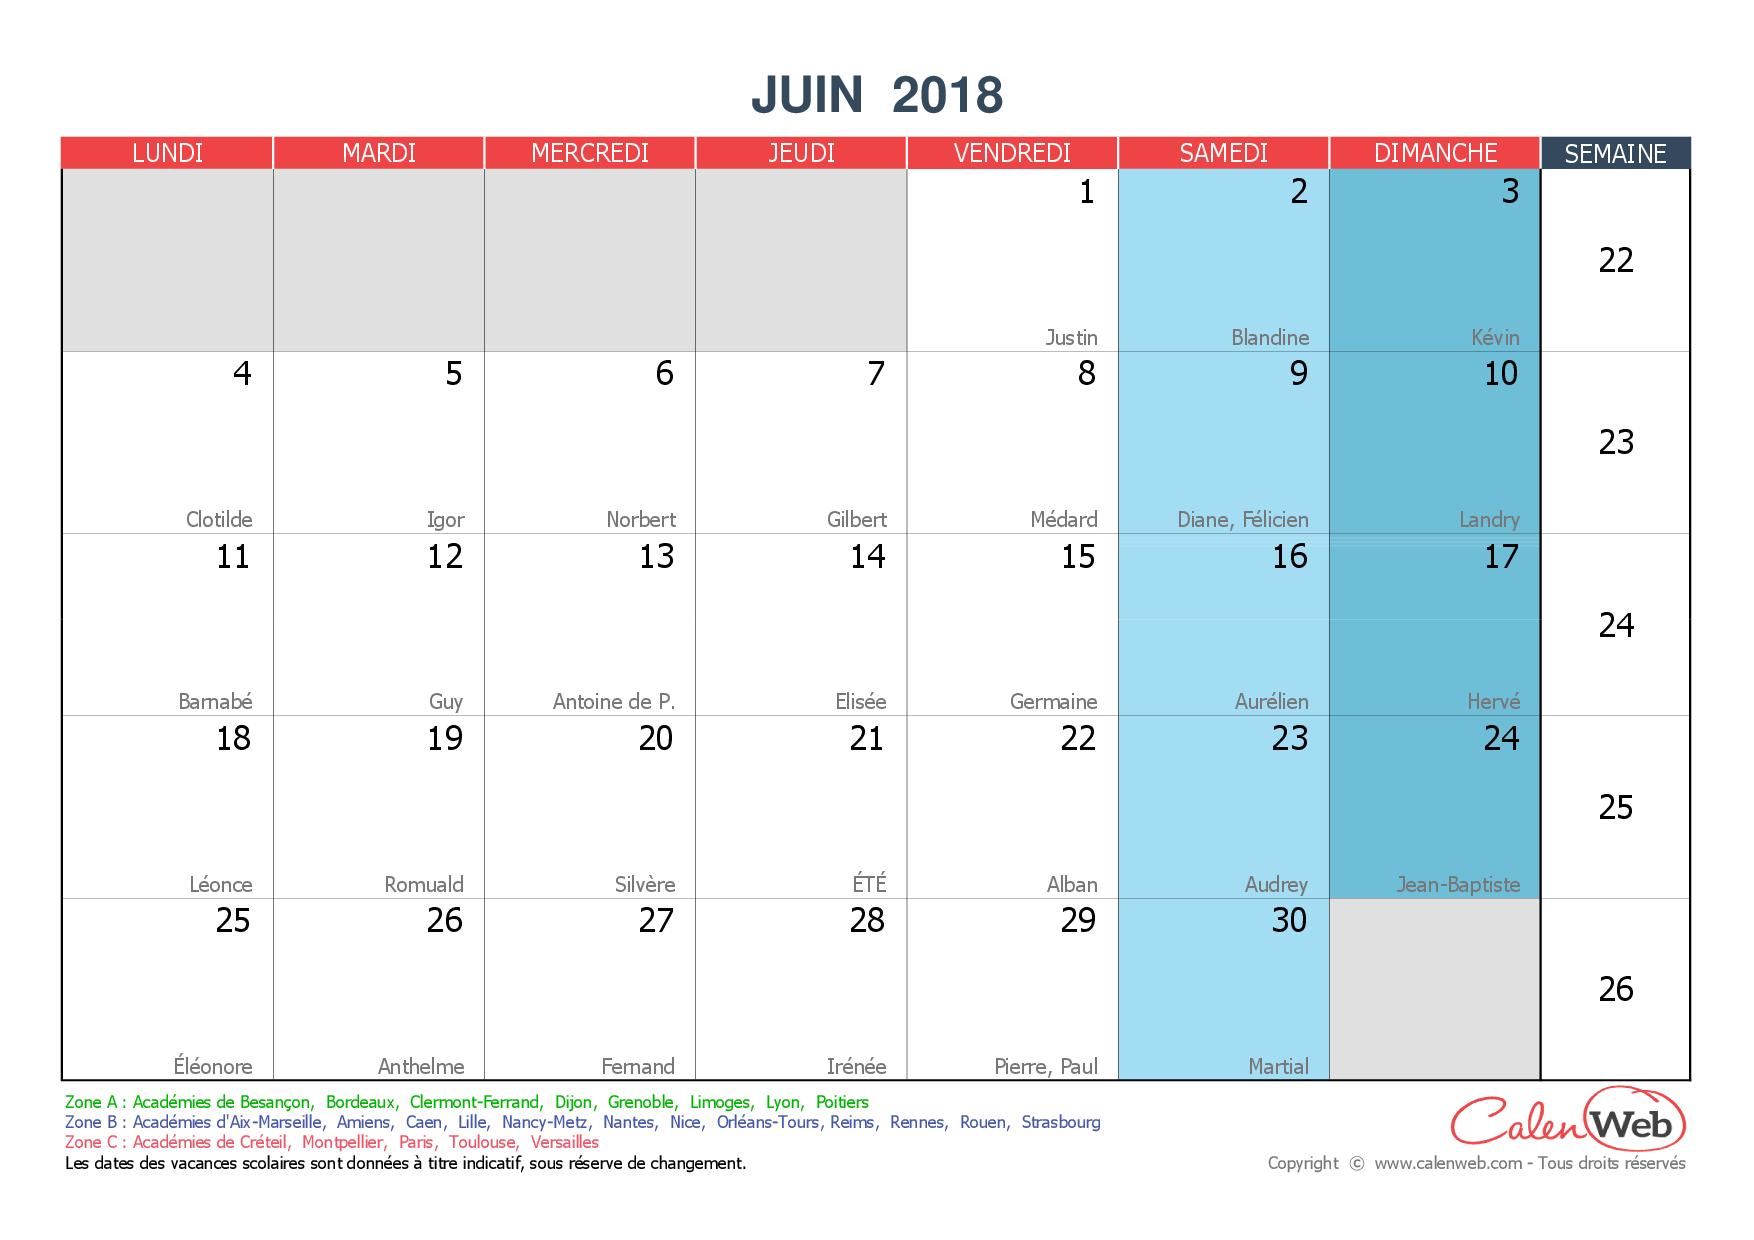 Calendrier mensuel mois de juin 2018 avec f tes jours f ri s et vacances scolaires - Calendrier du mois de juin 2017 ...